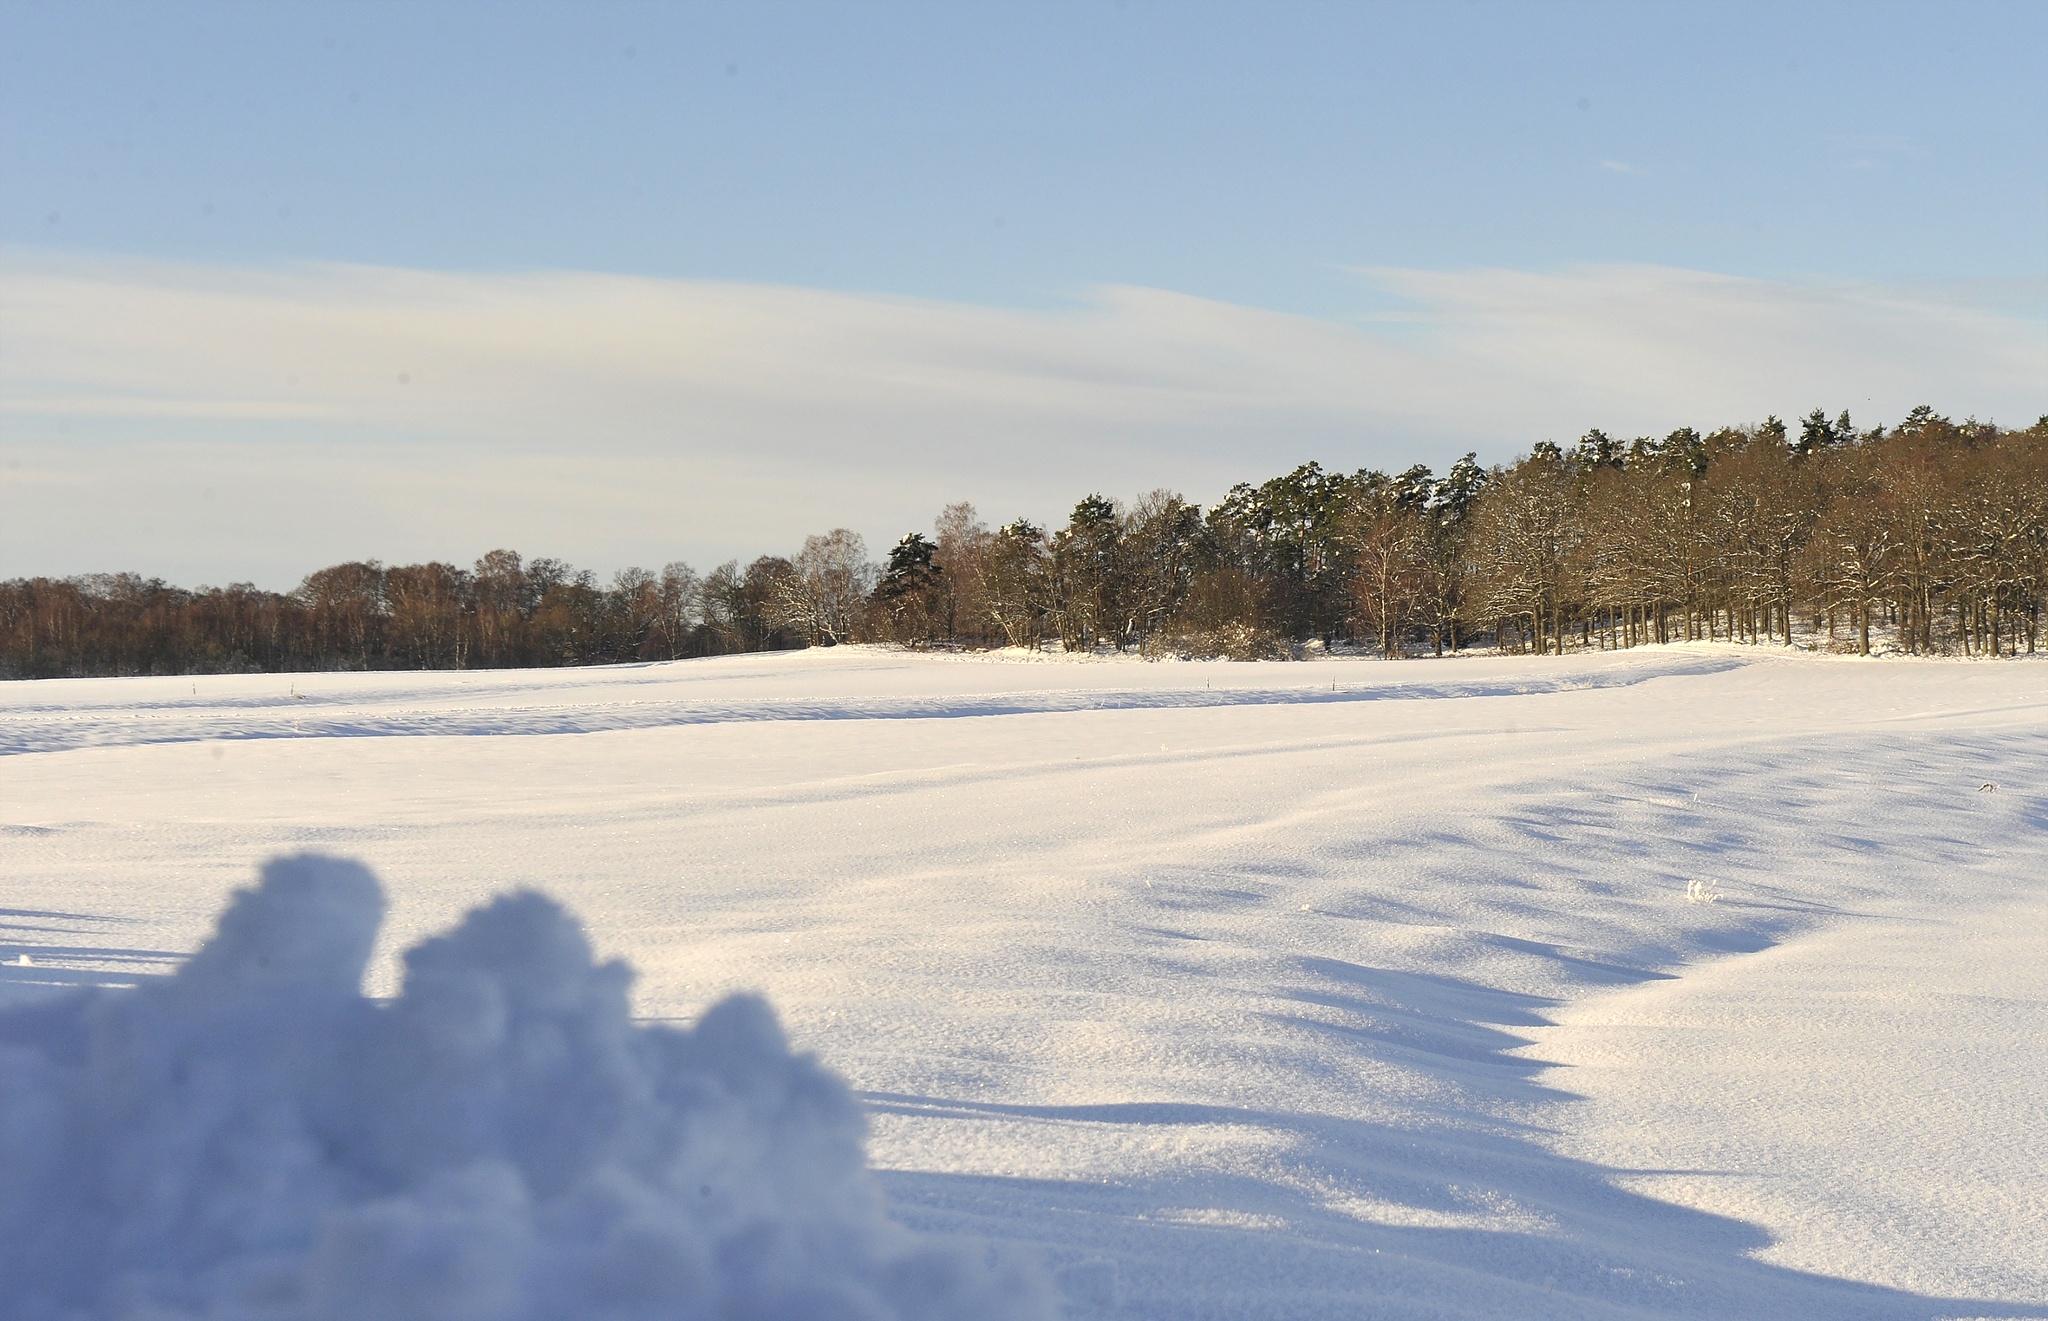 Winterland by bo.j.carlsson